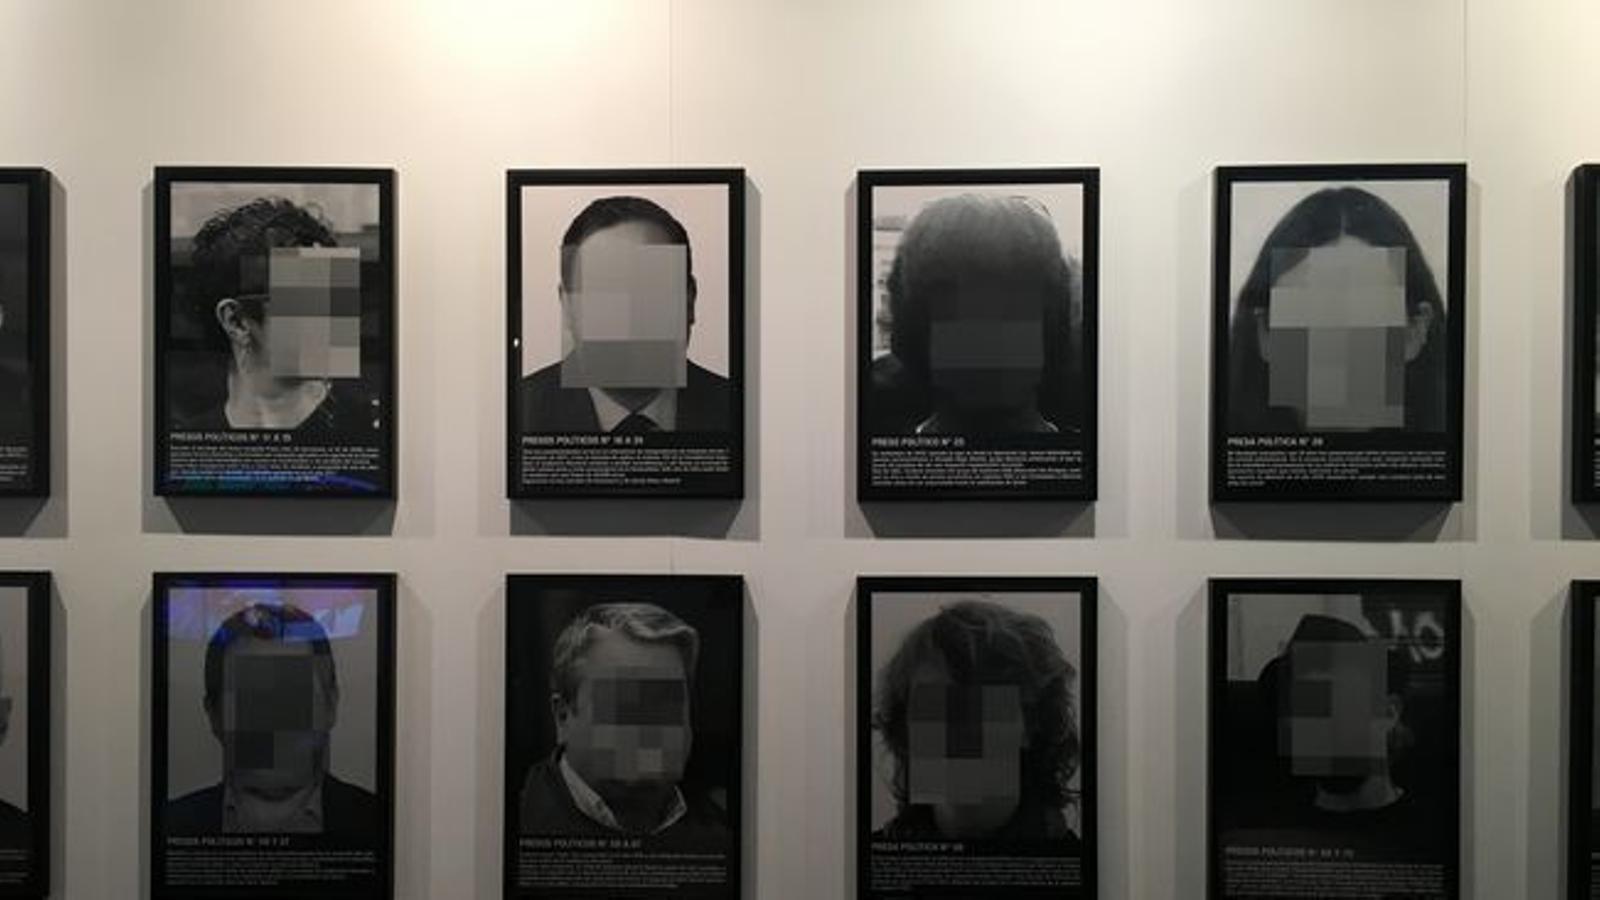 Arco retira la peça de Santiago Sierra sobre els presos polítics